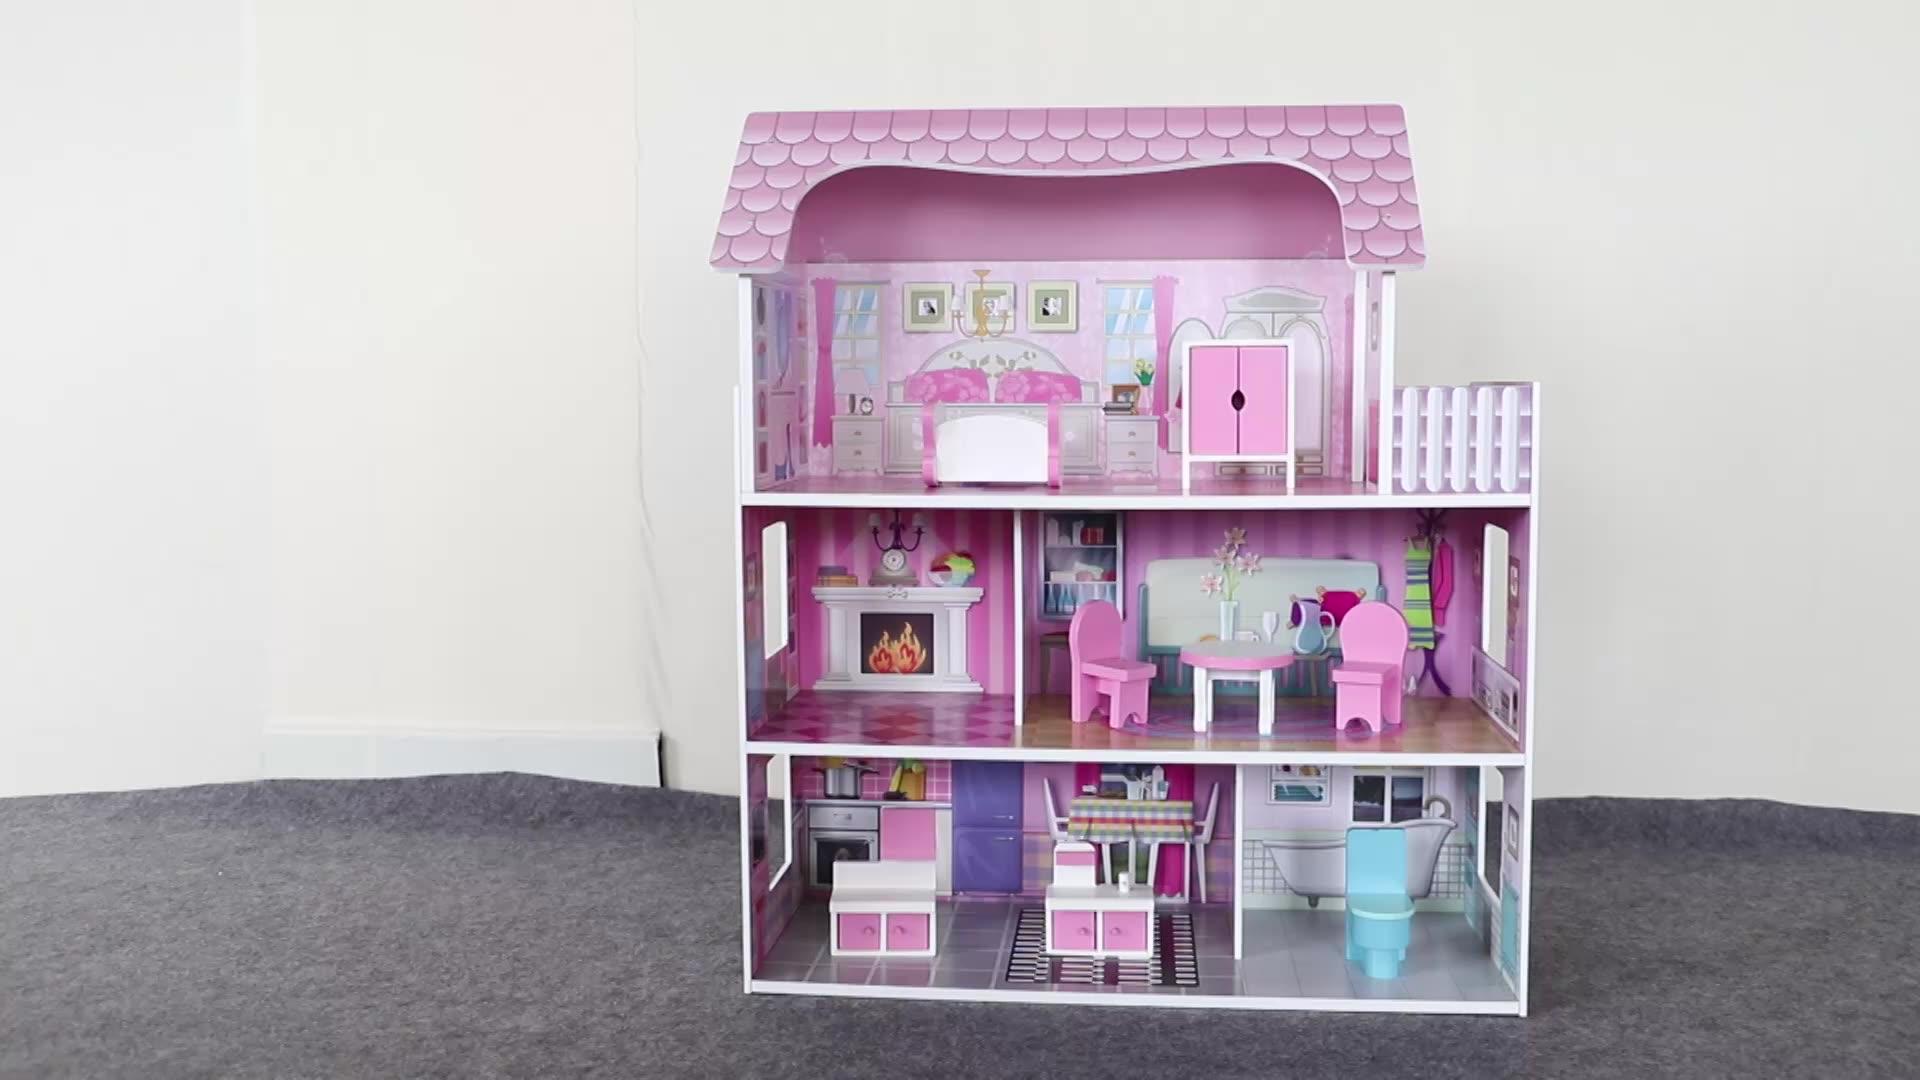 الجملة سهلة التجمع الفتيات اليدوية لتقوم بها بنفسك مصغرة الخشب أثاث خشبي مجموعات اللعب دمية عدة بيت الدمية للأطفال